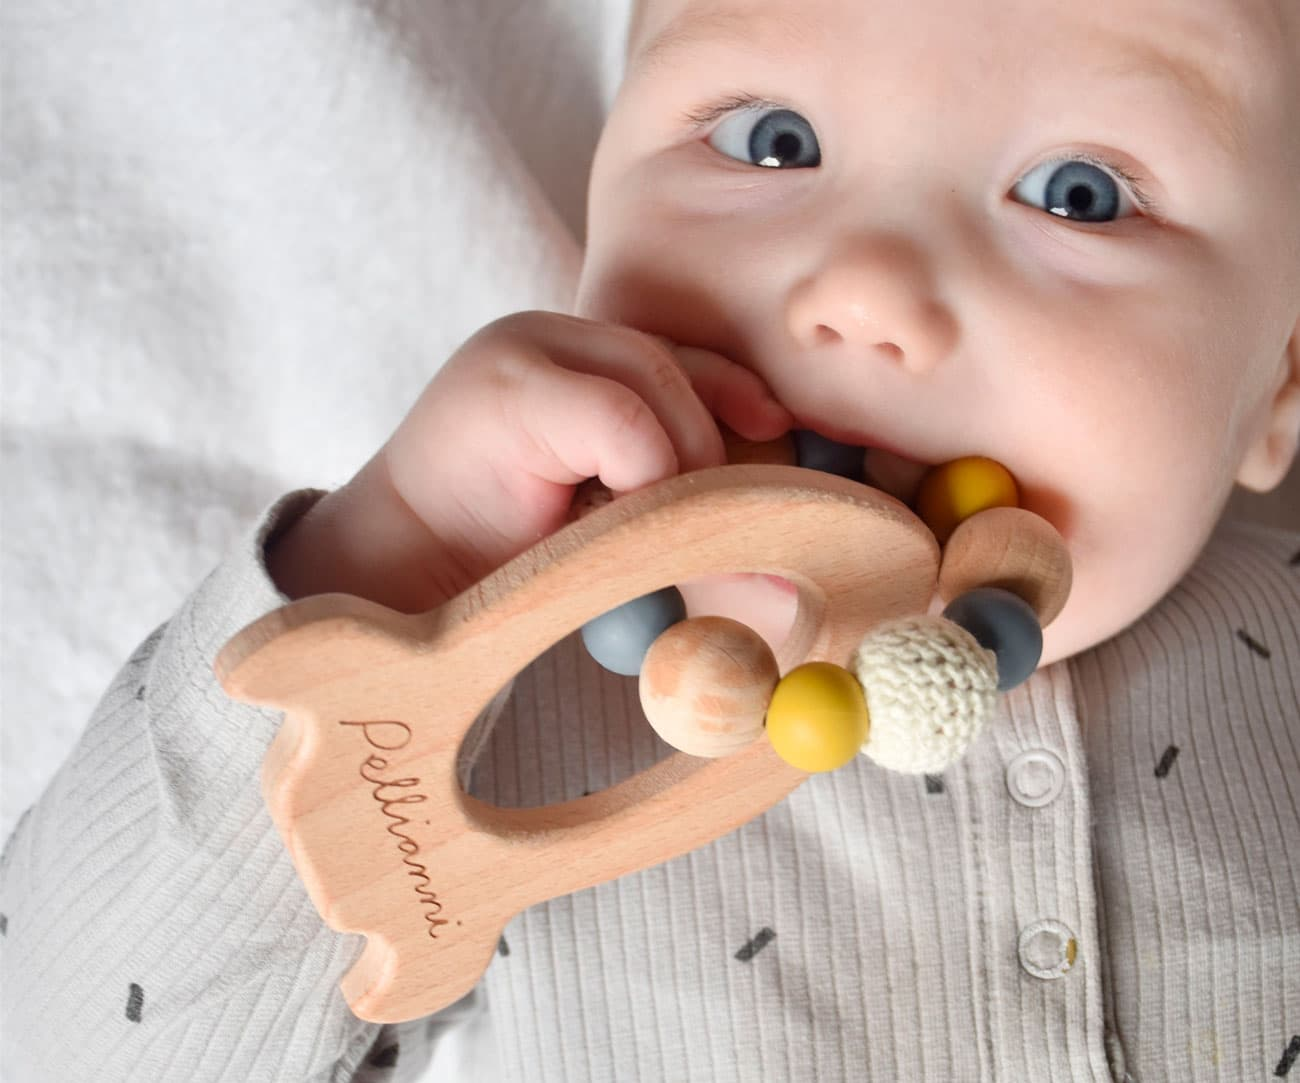 Bebé mordiendo mordedor de madera